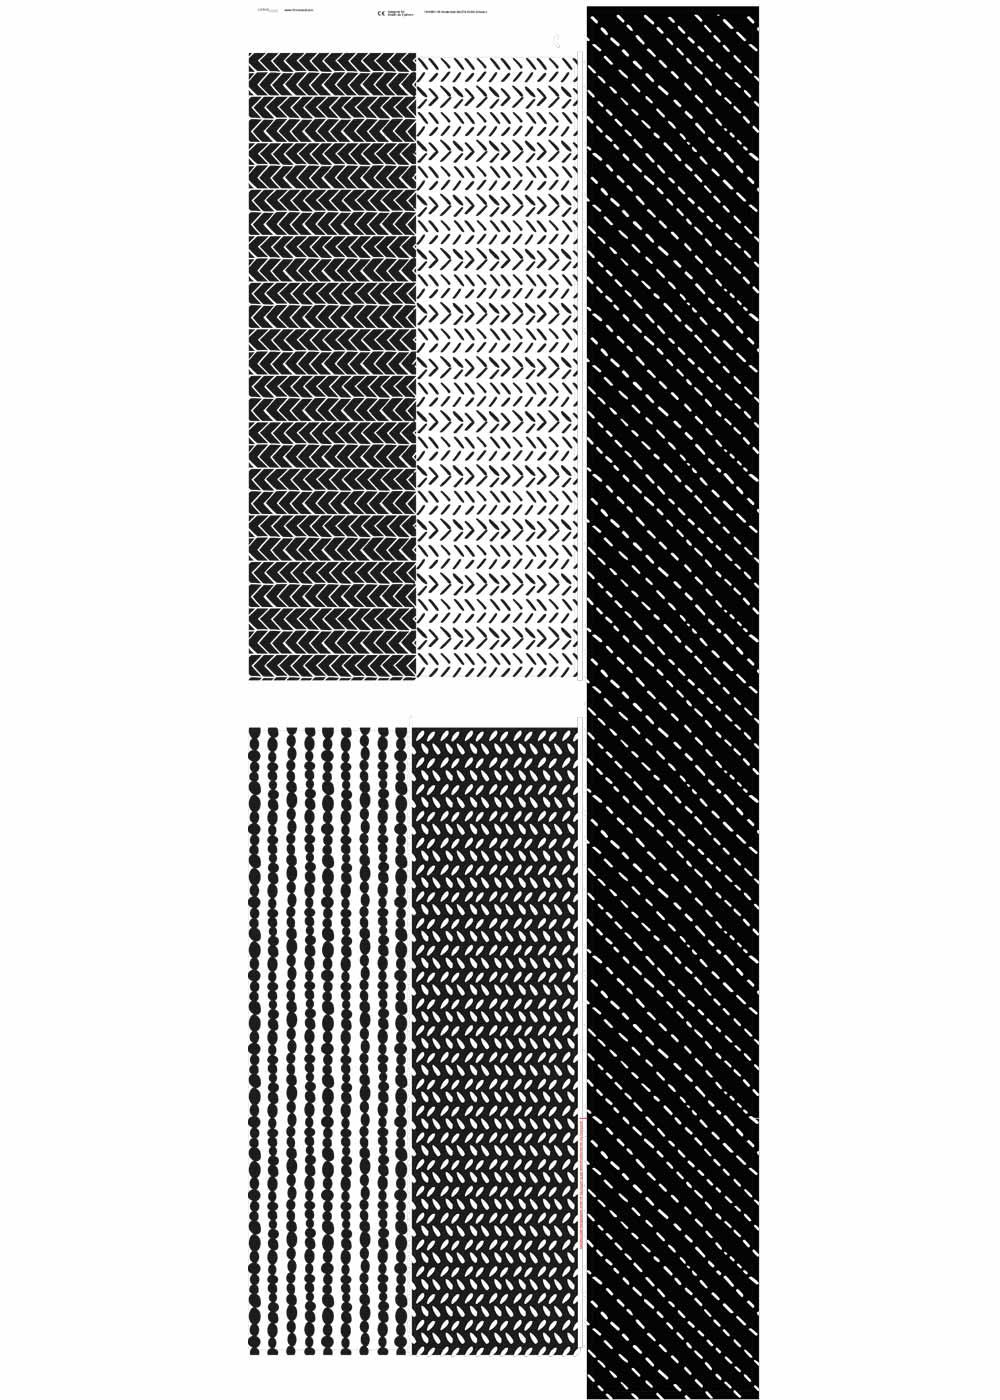 Ikea Kuras Hochbett Musta schwarz Druckvorlage